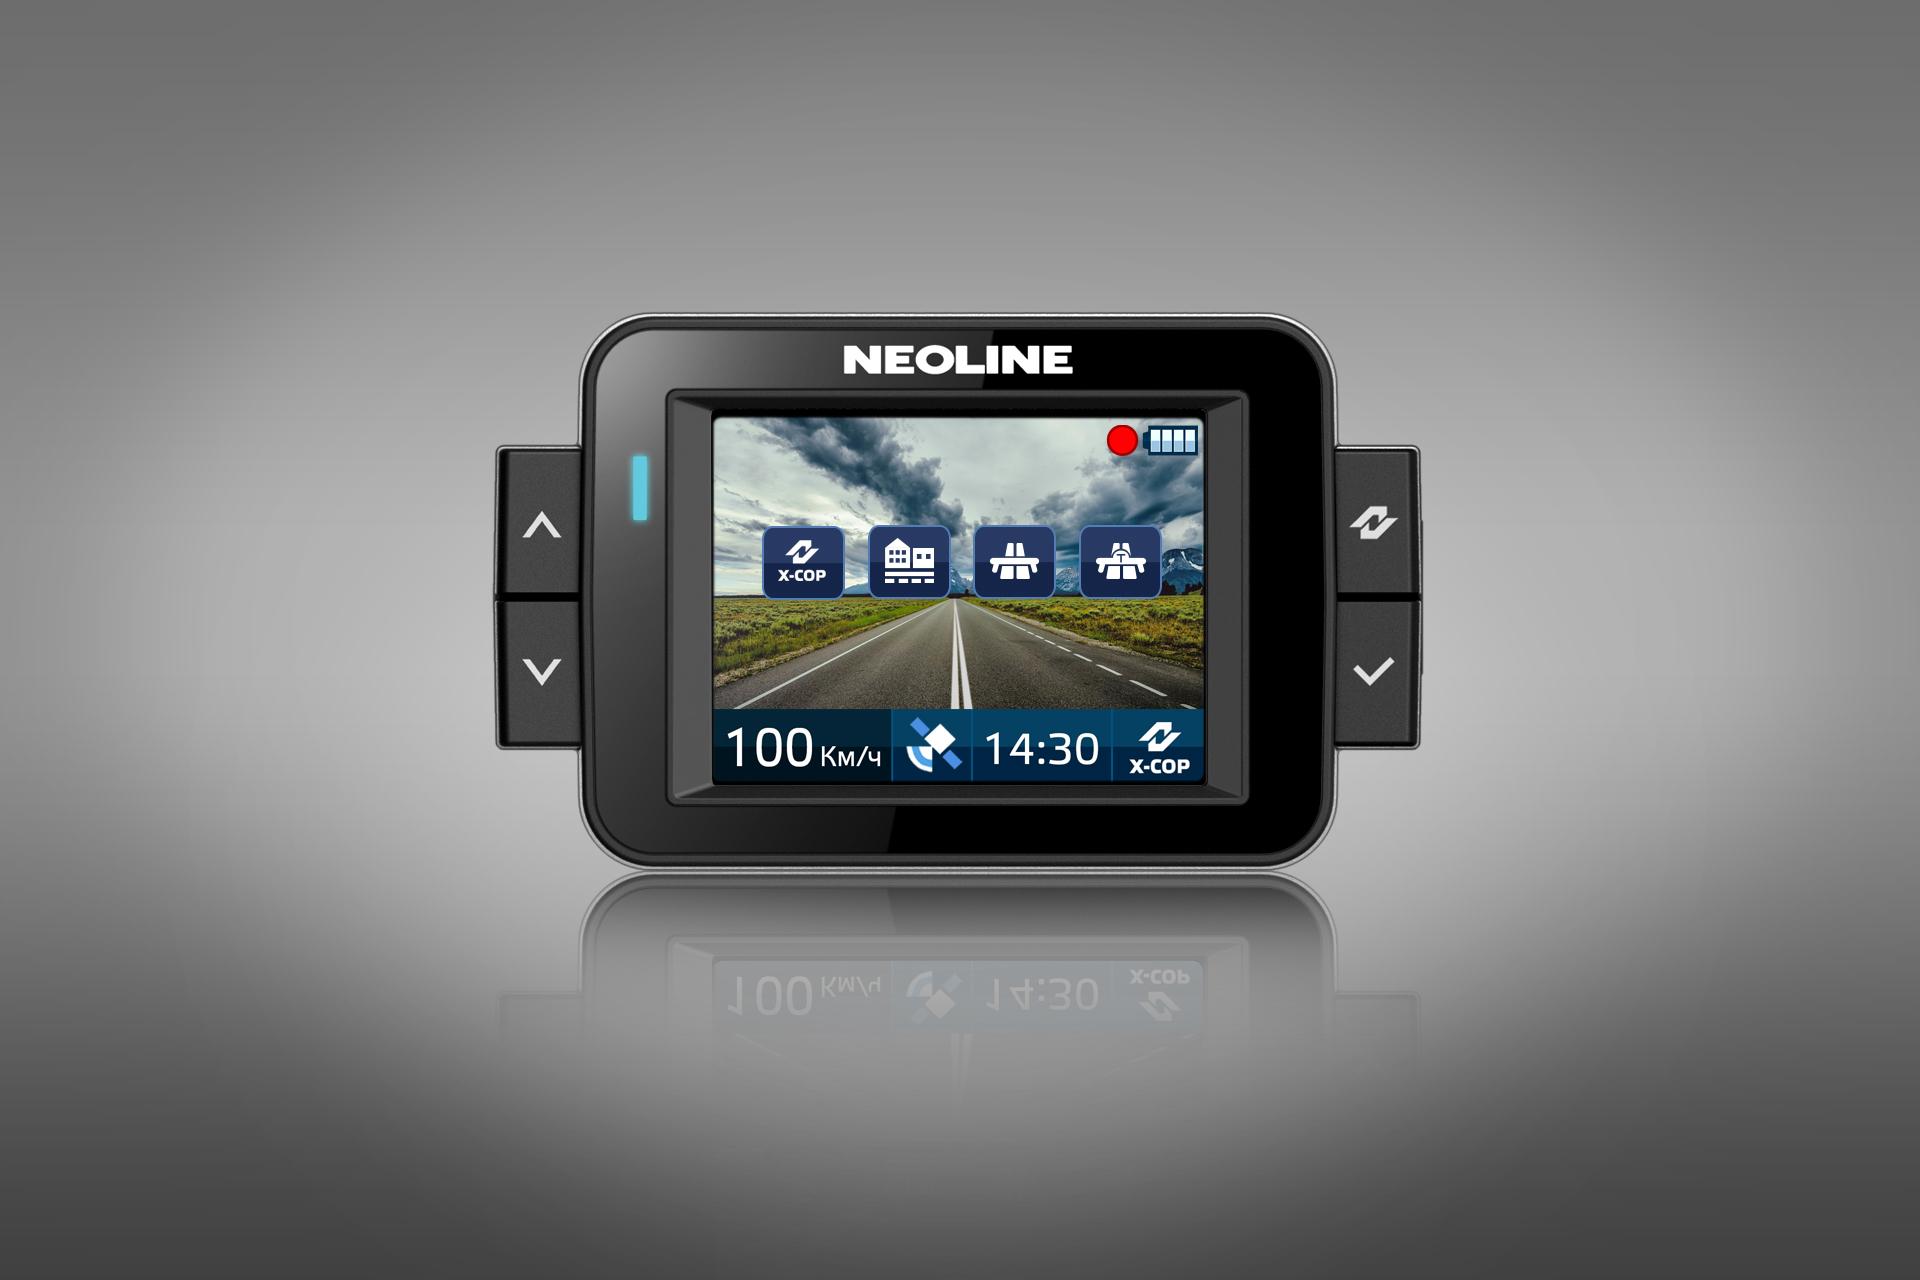 neoline 9000